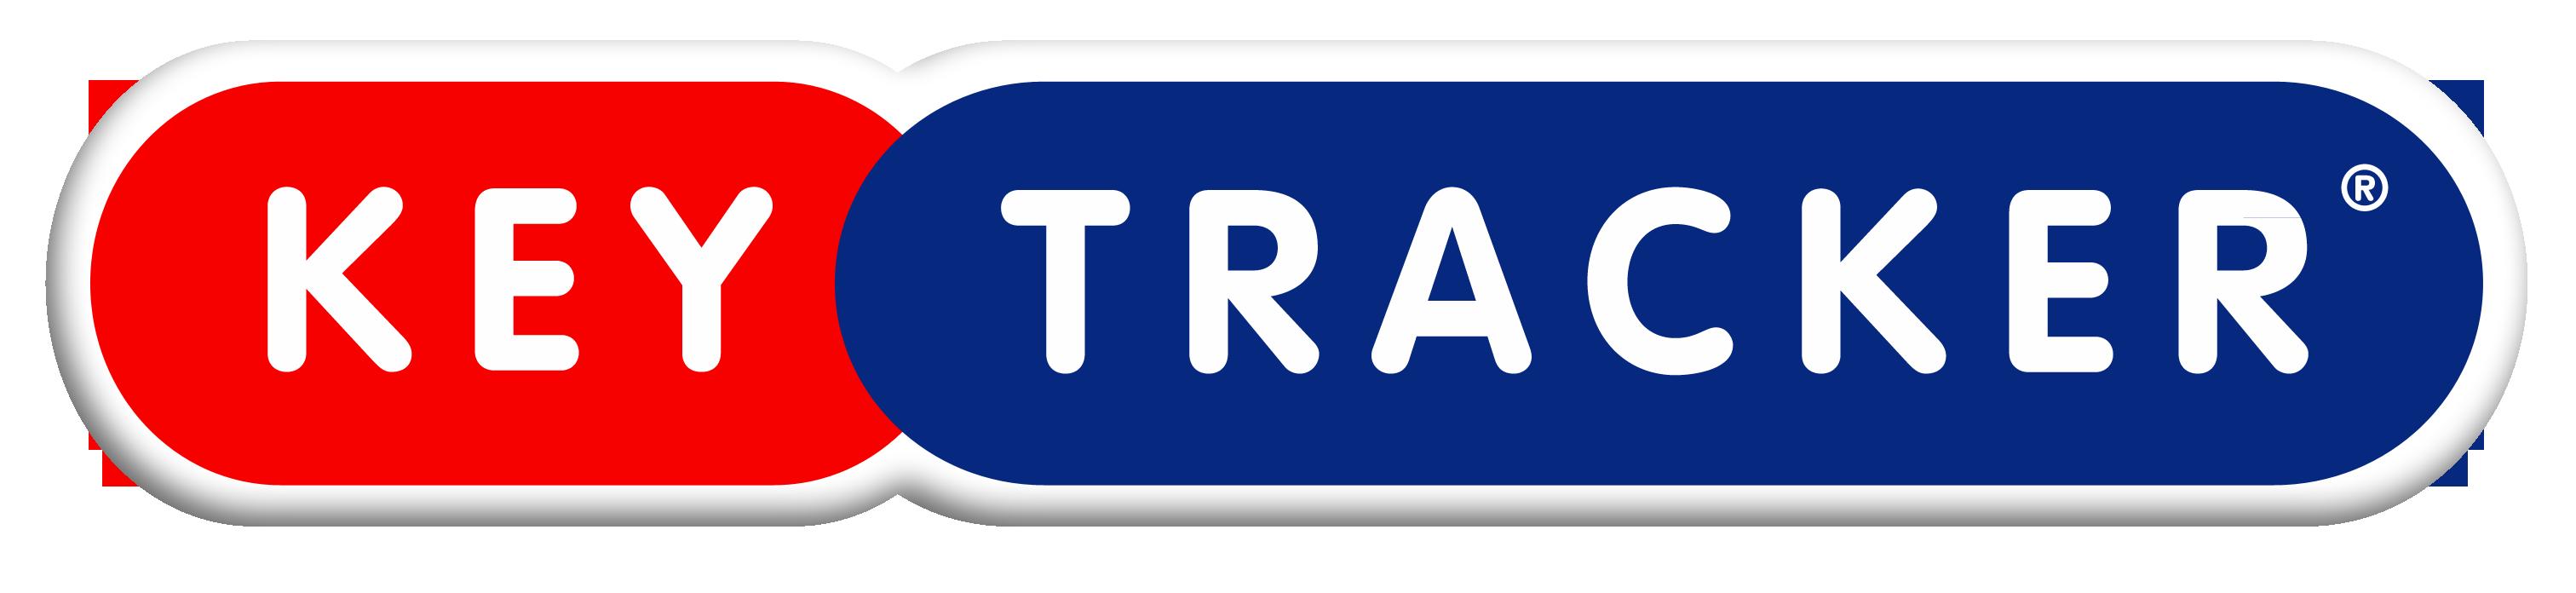 Keytracker Logo & Link